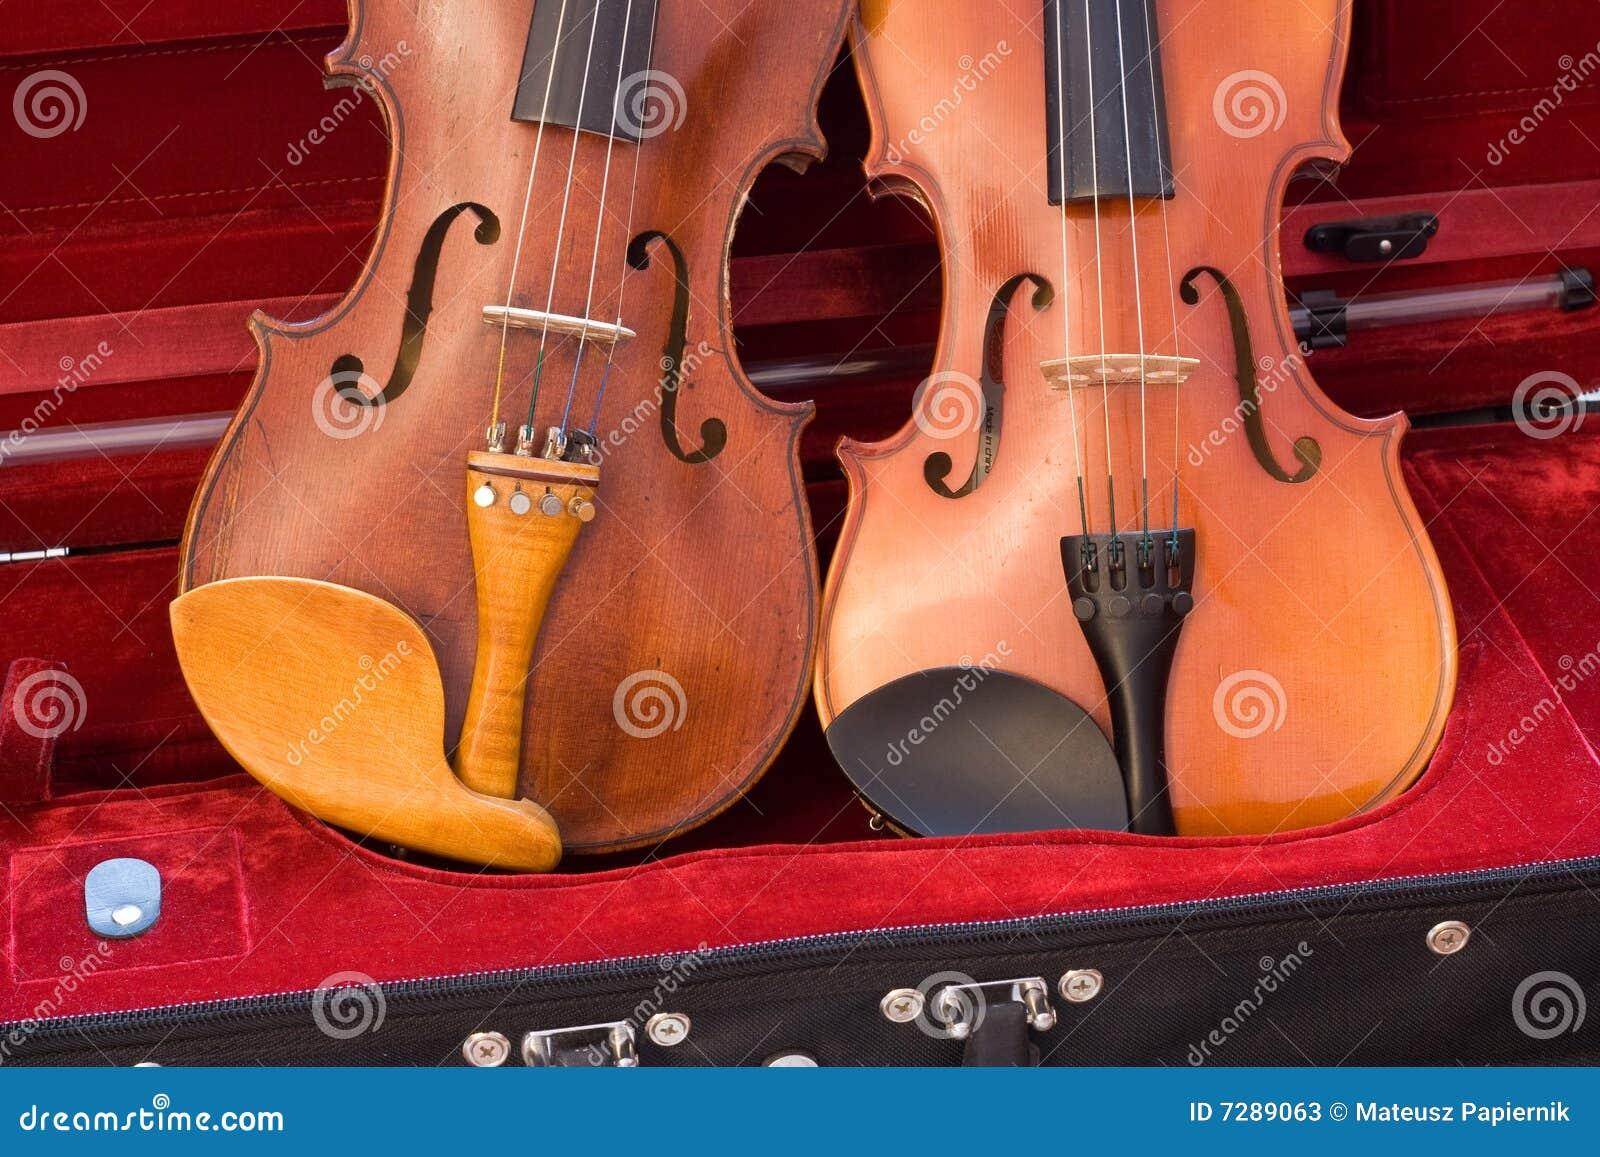 Dos violines que se reclinan en caso de que